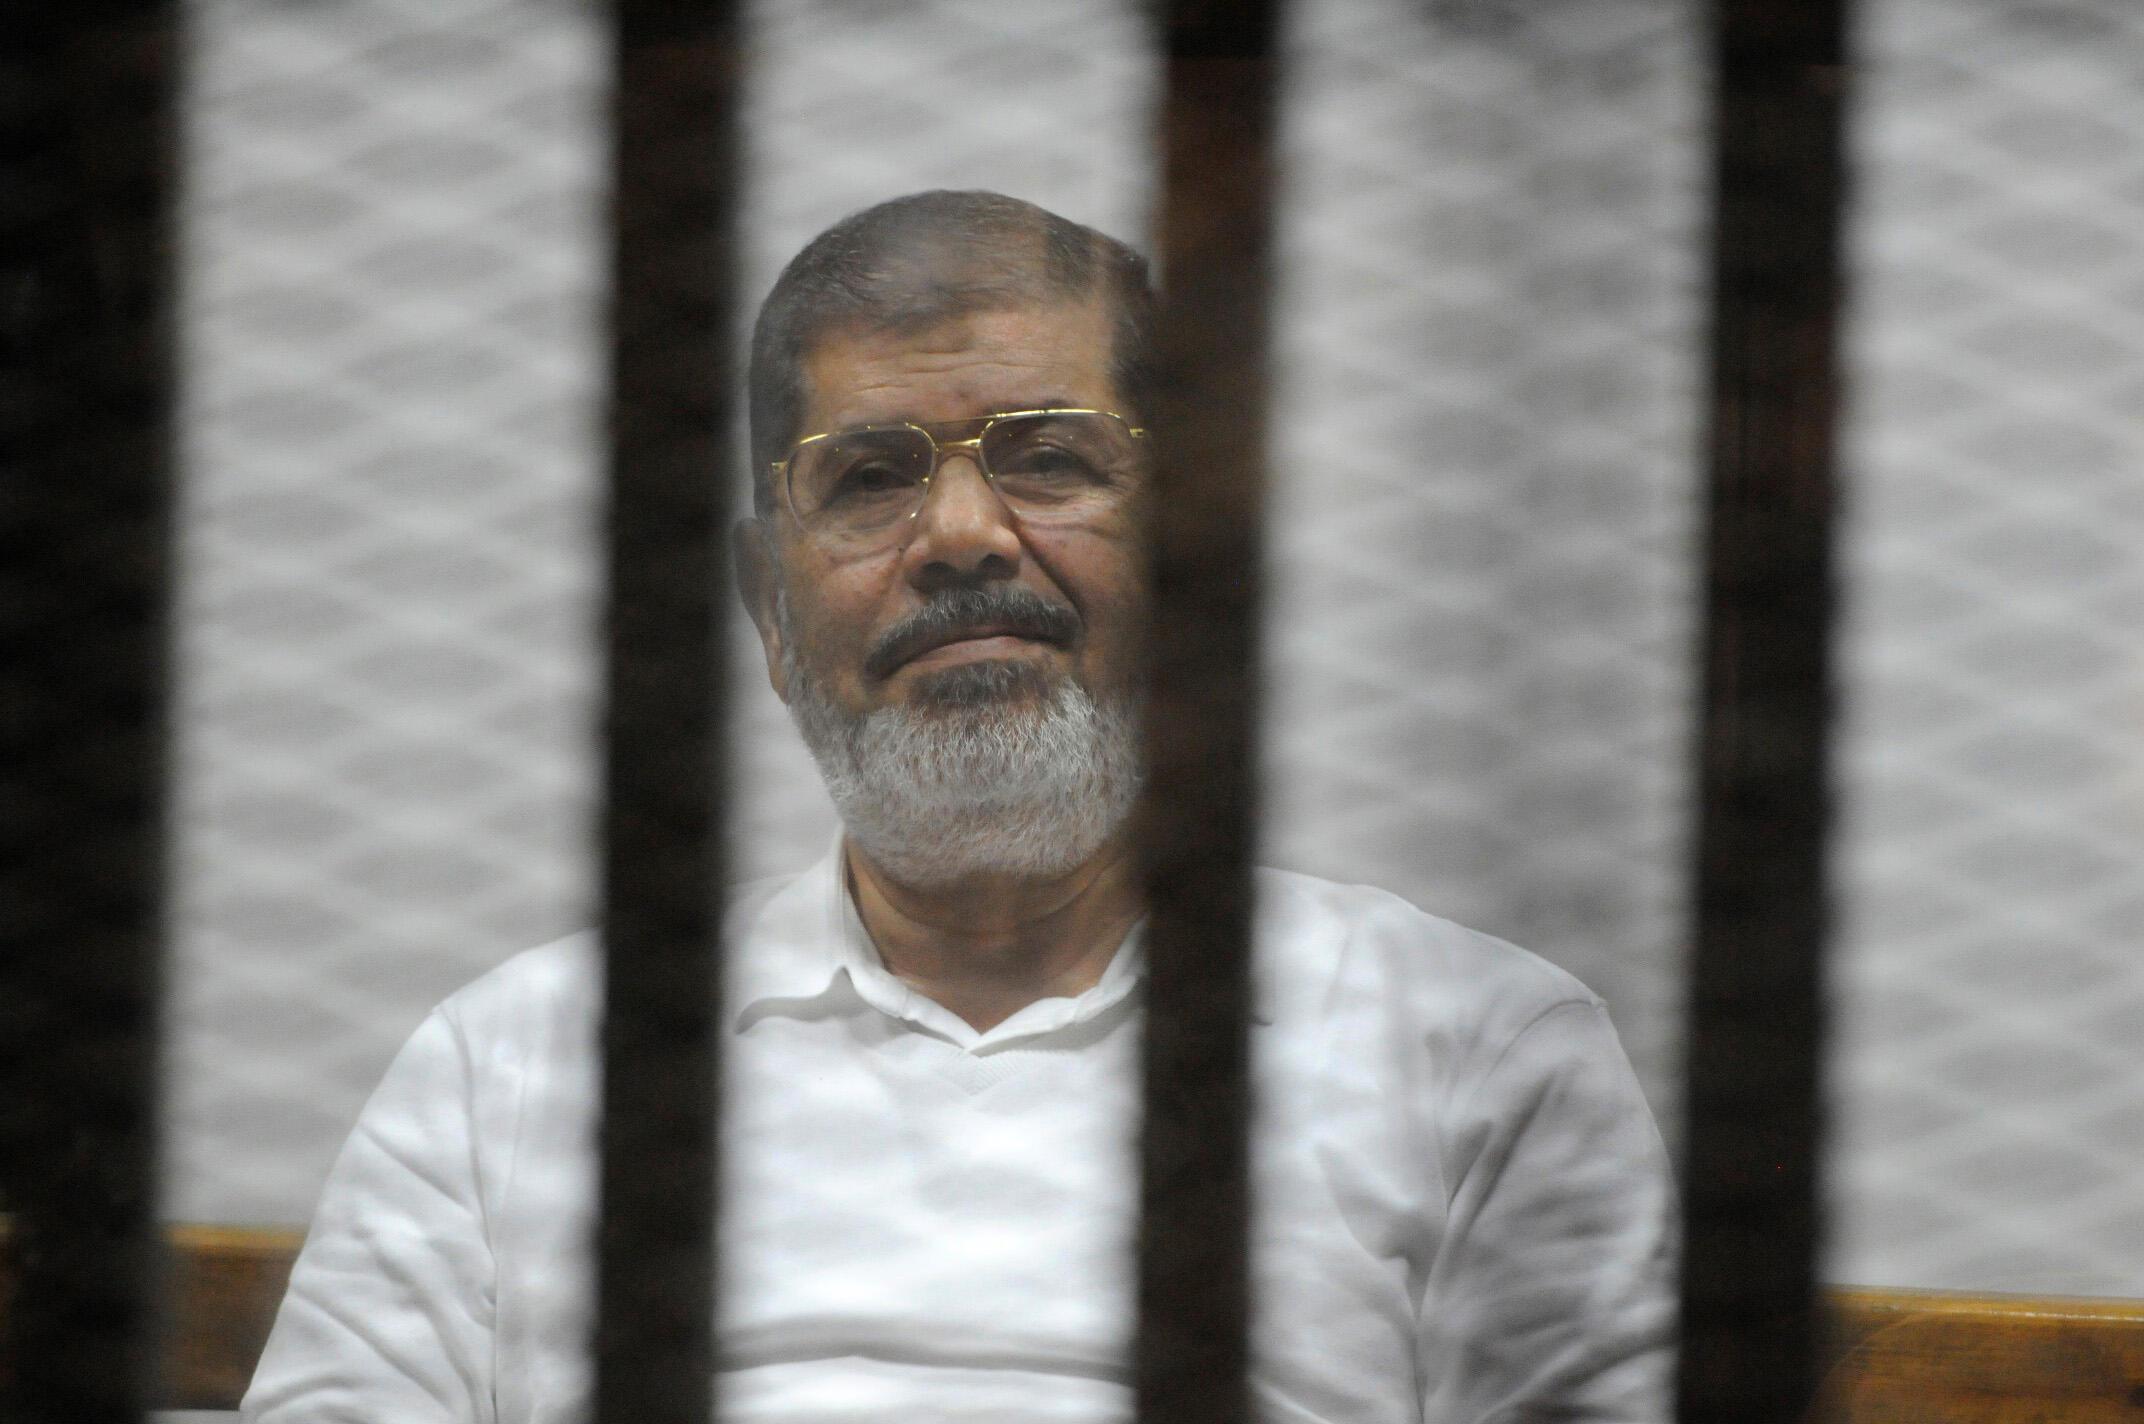 O ex-presidente egípcio Mohamed Mursi fotografado em um tribunal no Cairo, no ano passado.